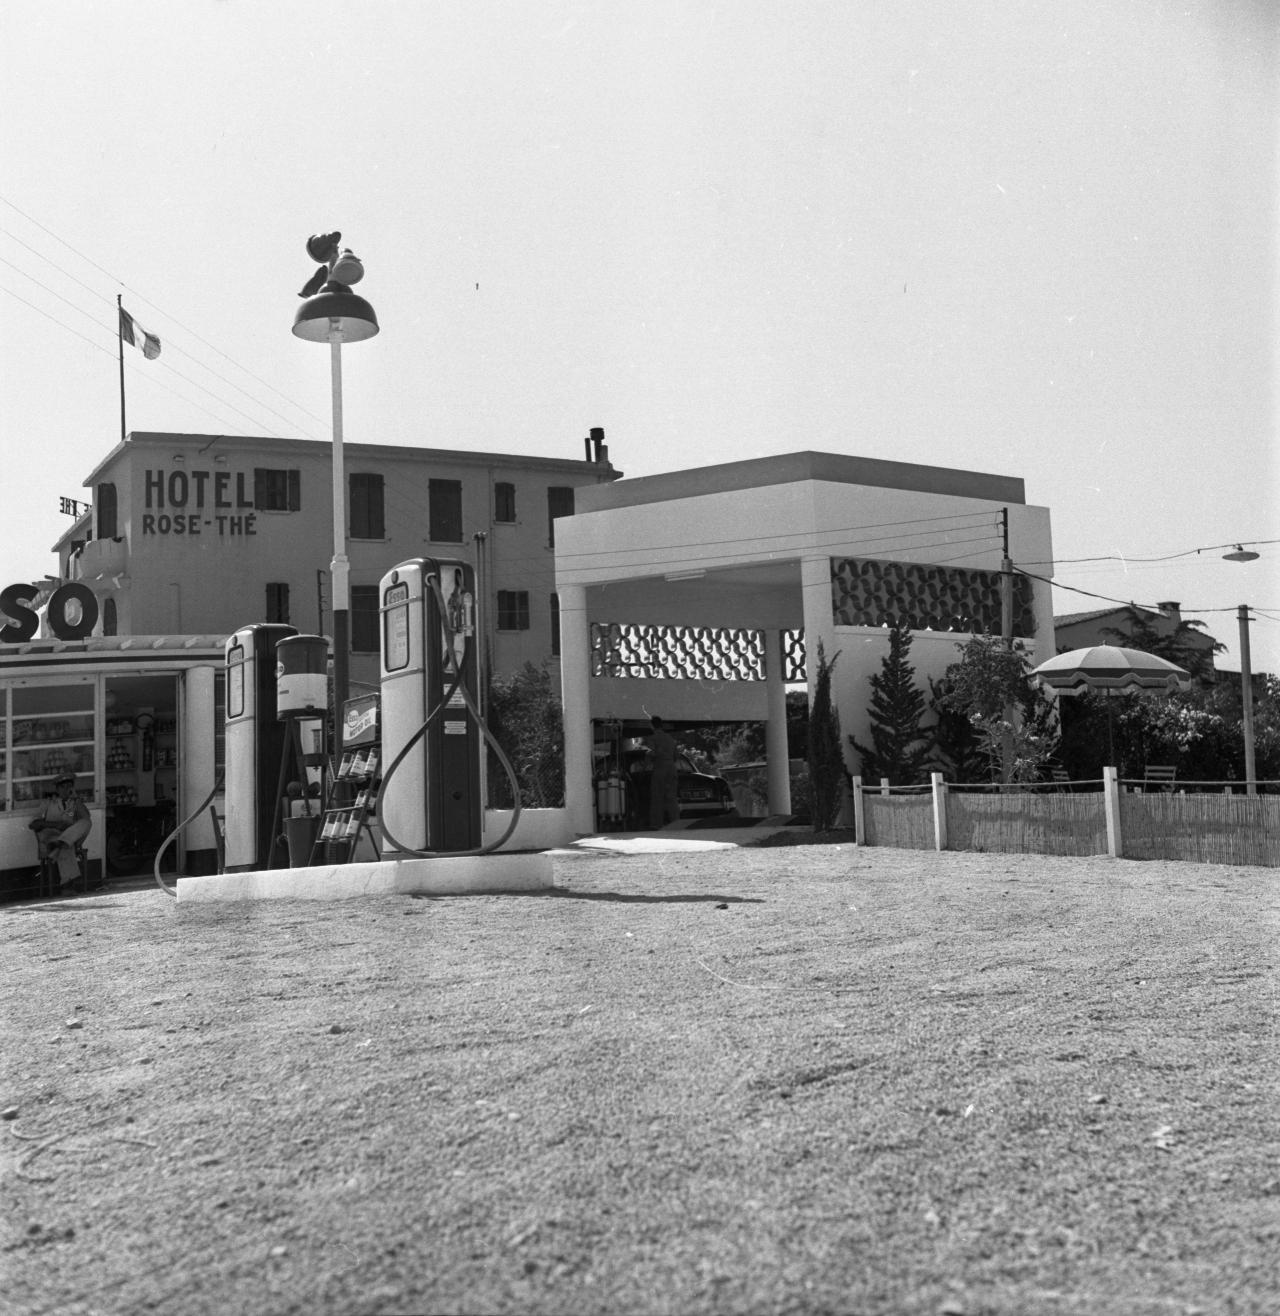 42Fi 278 - Poste à essence ESSO devant le Rose-Thé face à la grande plage. Les lieux ont radicalement changé aujourd'hui. 27/07/1953